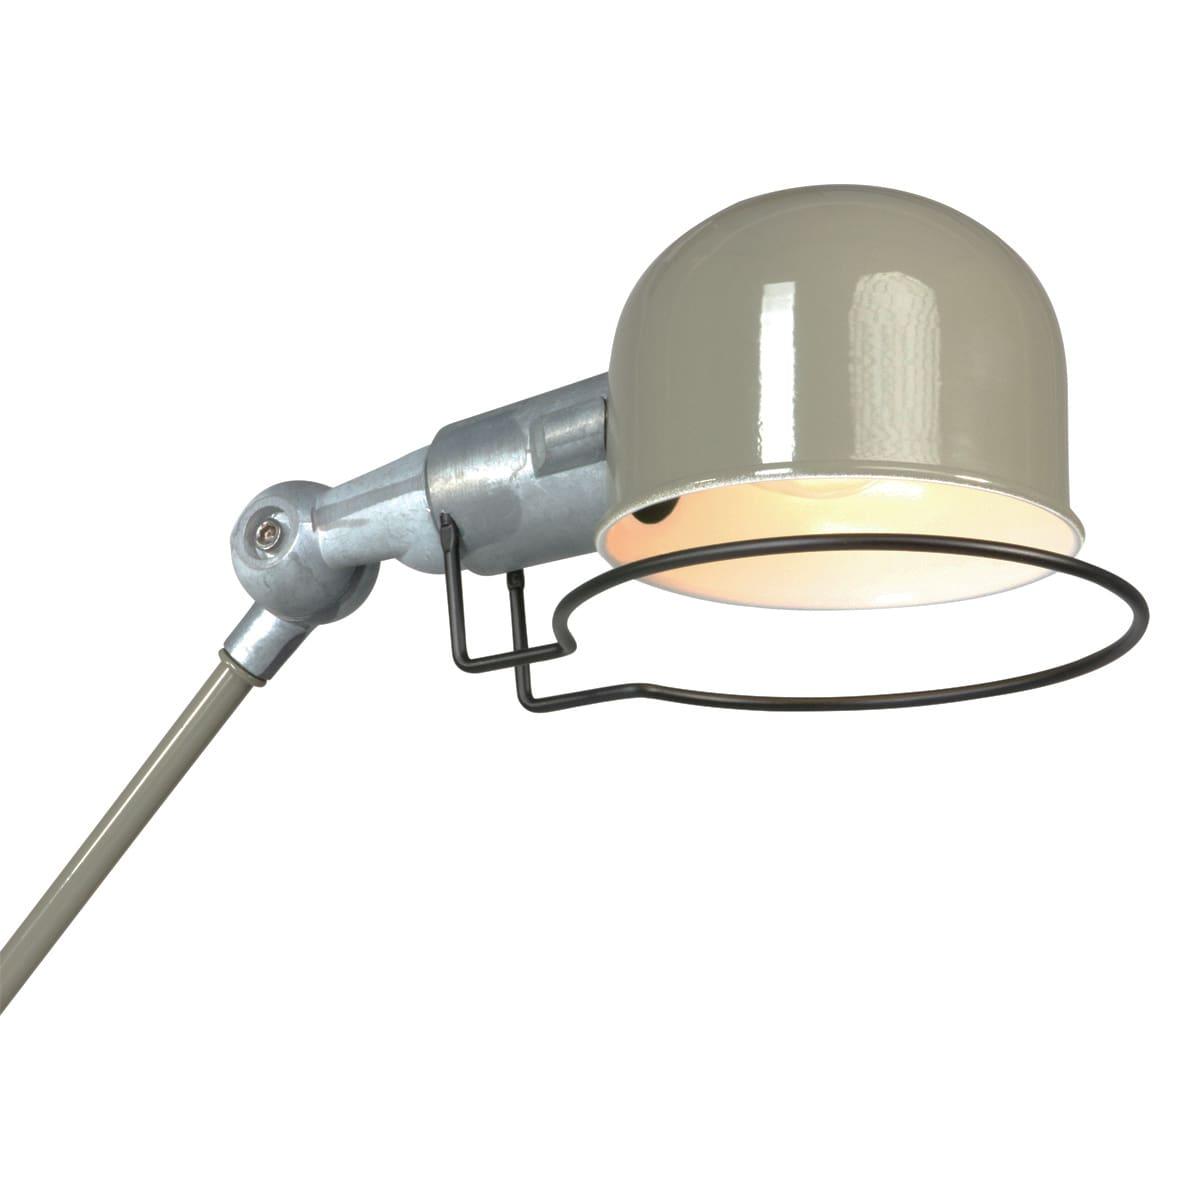 Bachttischlampe Industrial Retro Design mit Roheisen